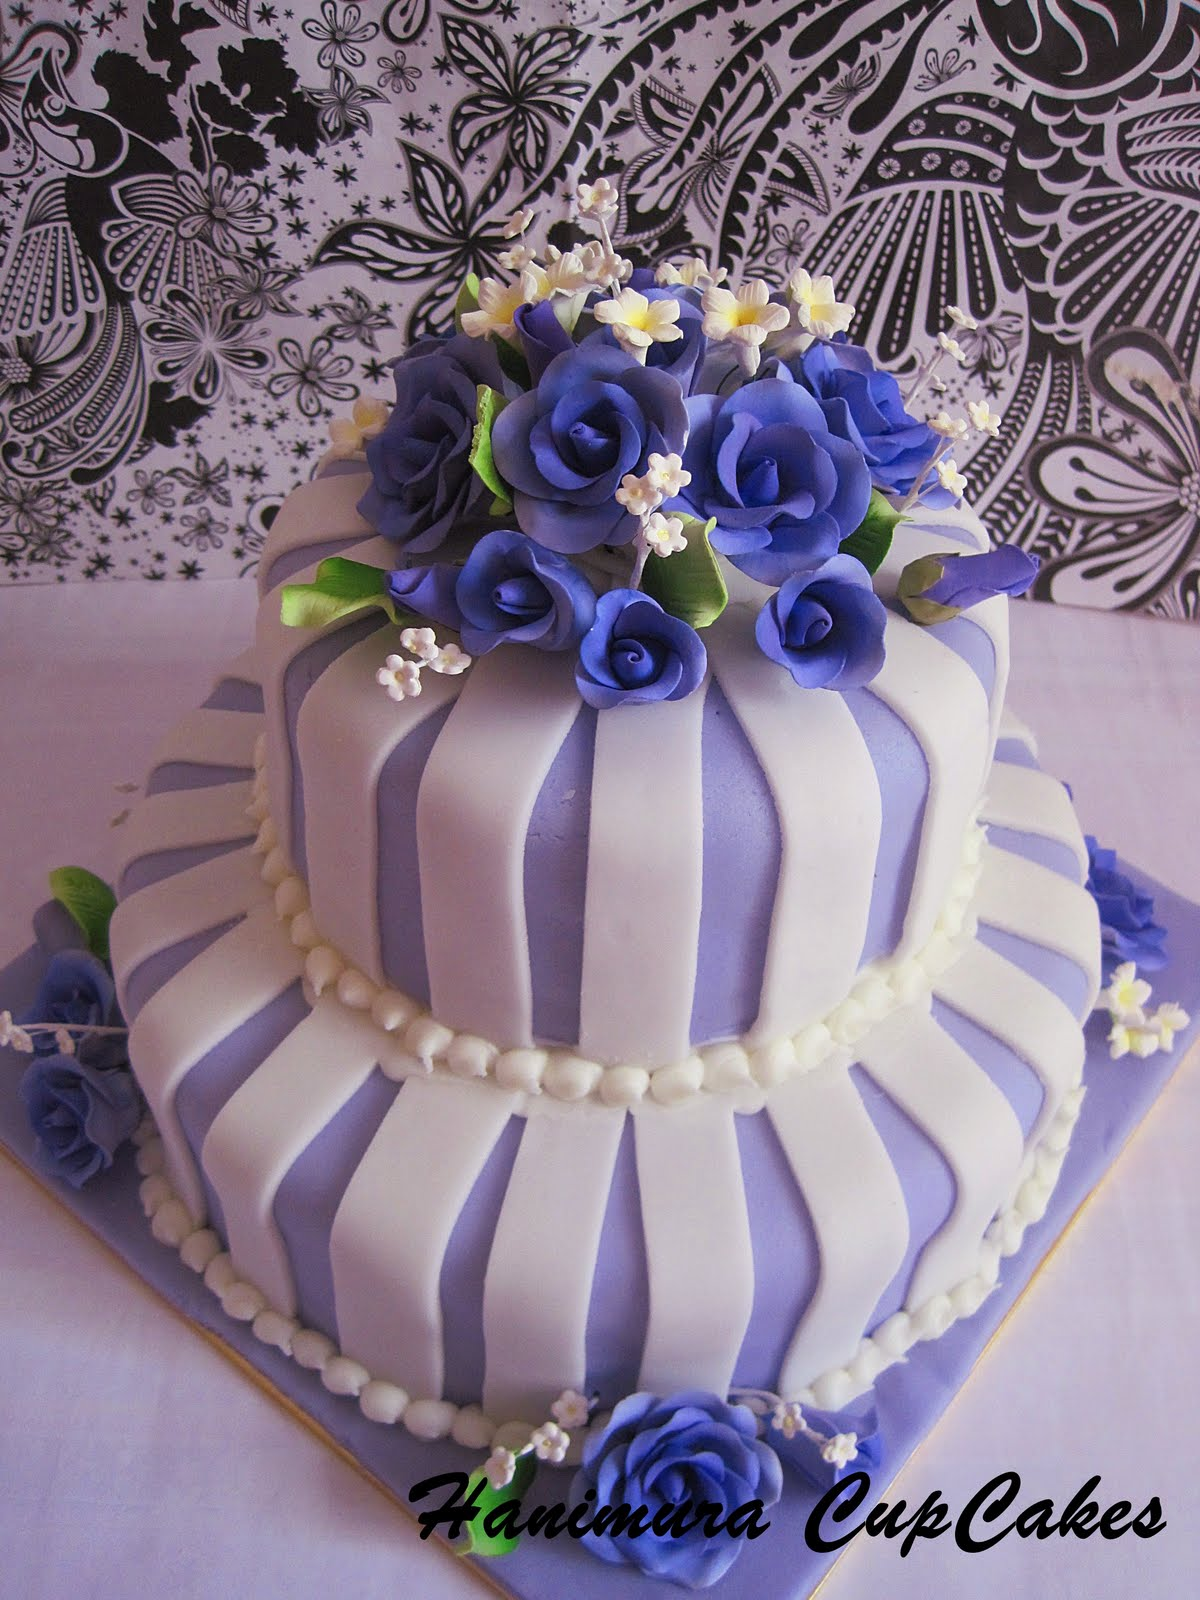 Hanimura CupCake Purple 2 tier Wedding Cake